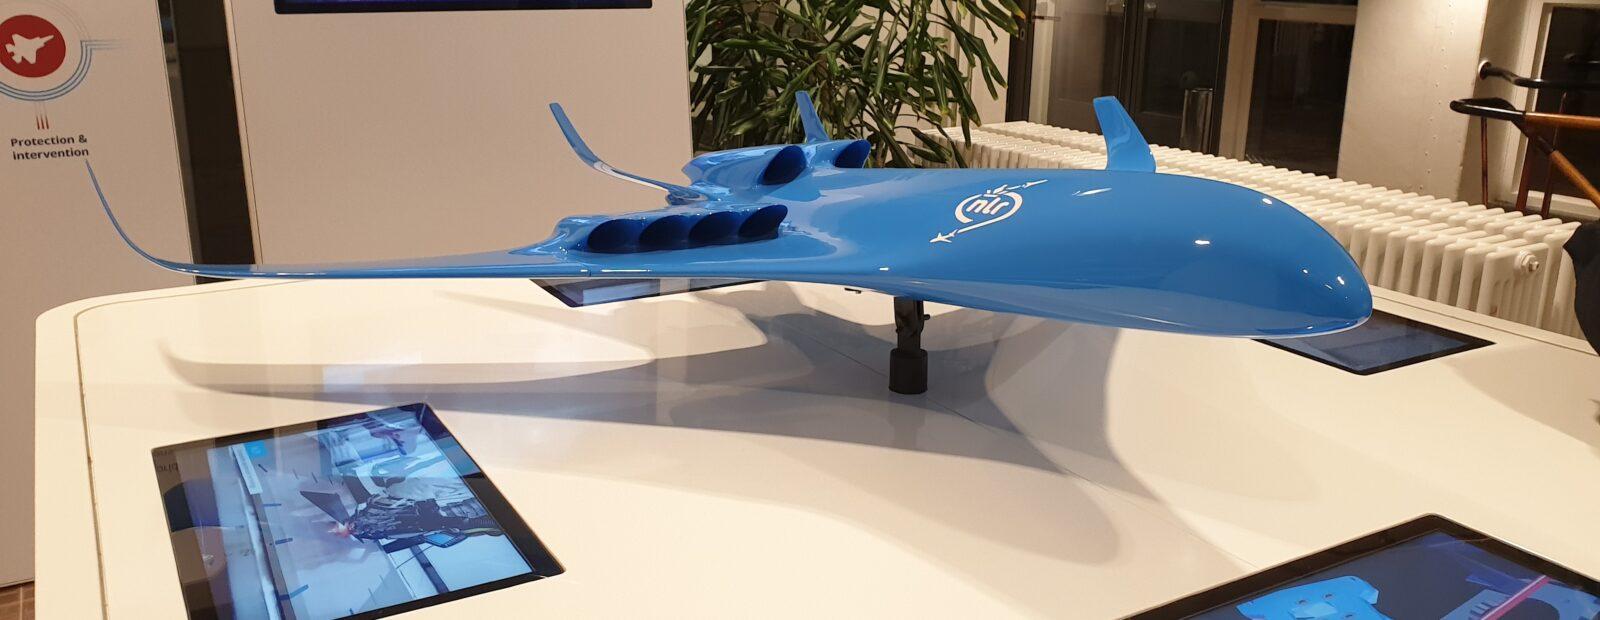 jaar cargo drone